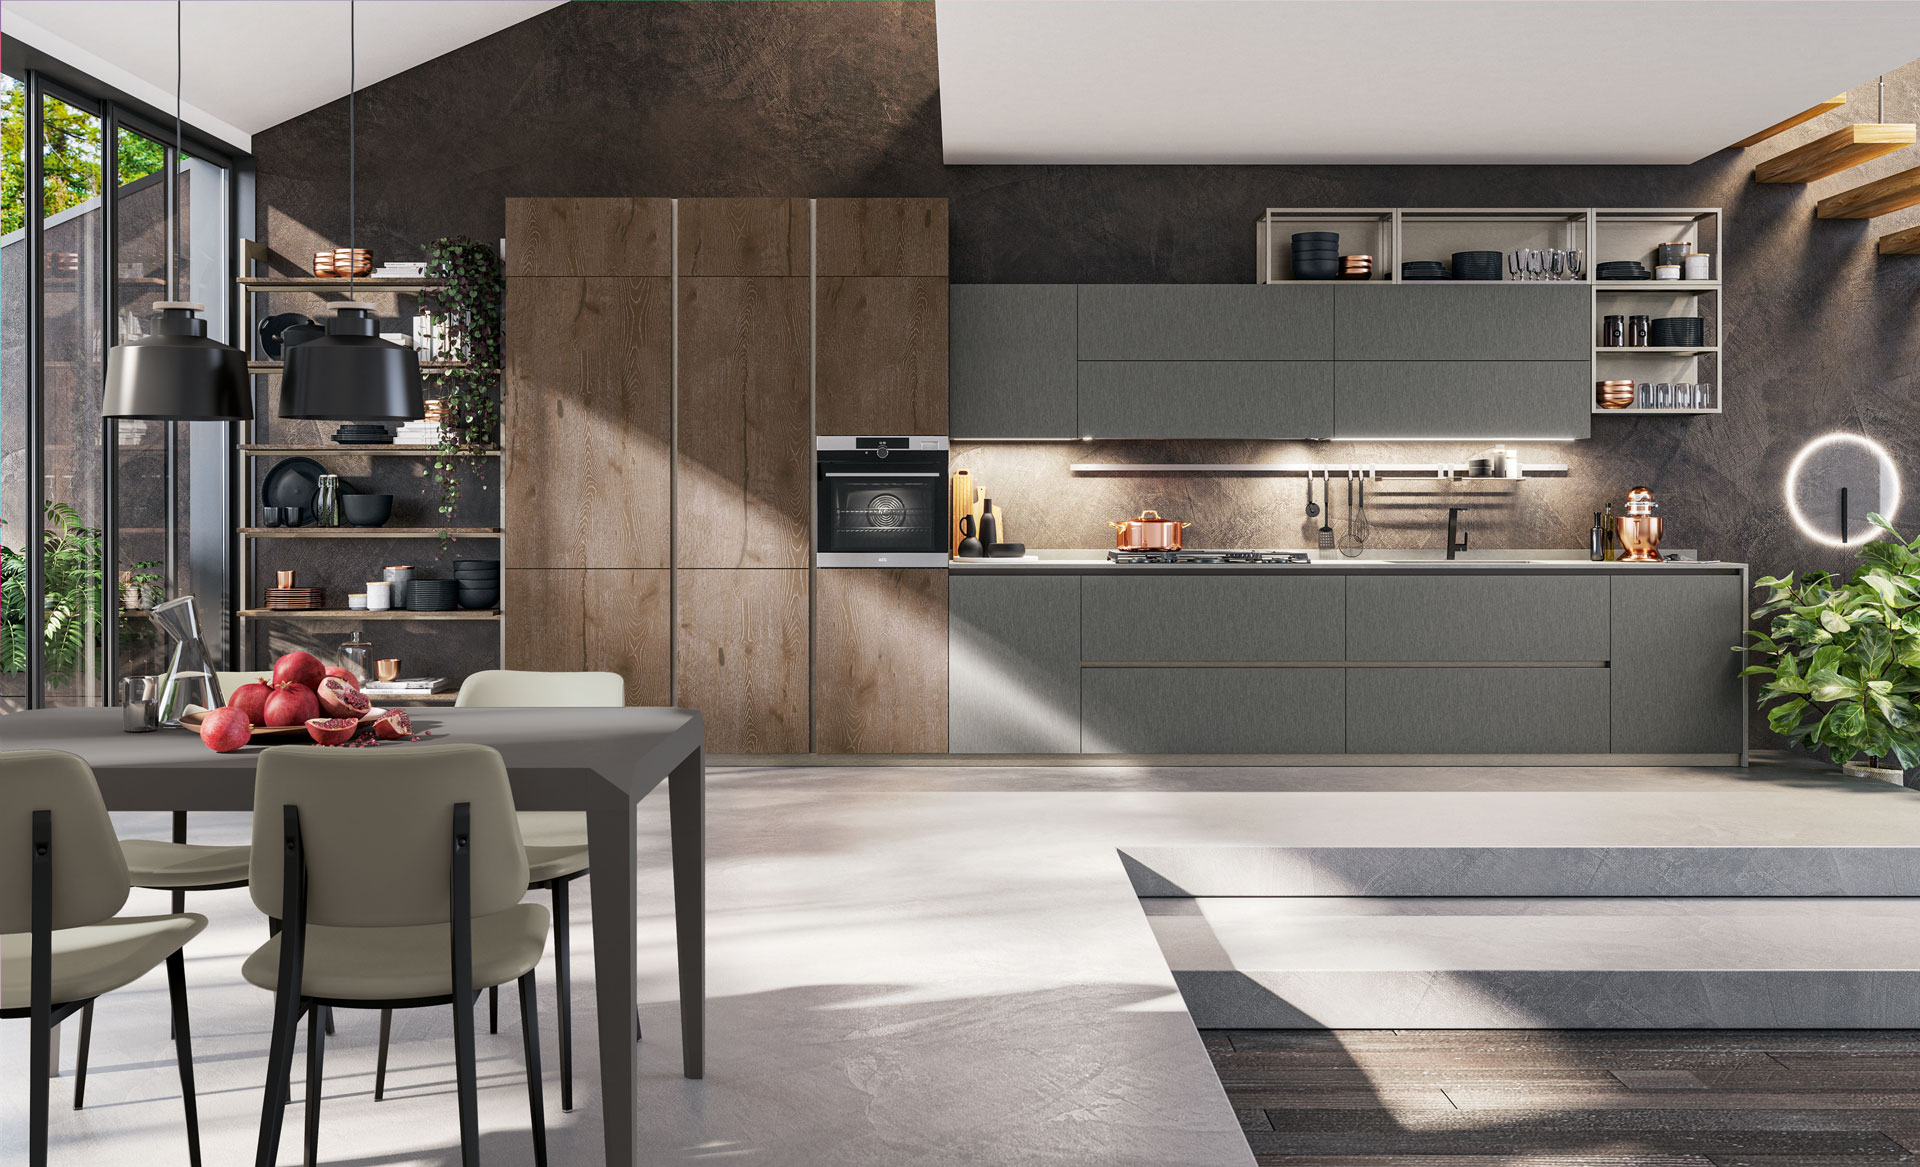 Come Separare Cucina E Soggiorno come separare gli ambienti senza pareti? | arredare la cucina